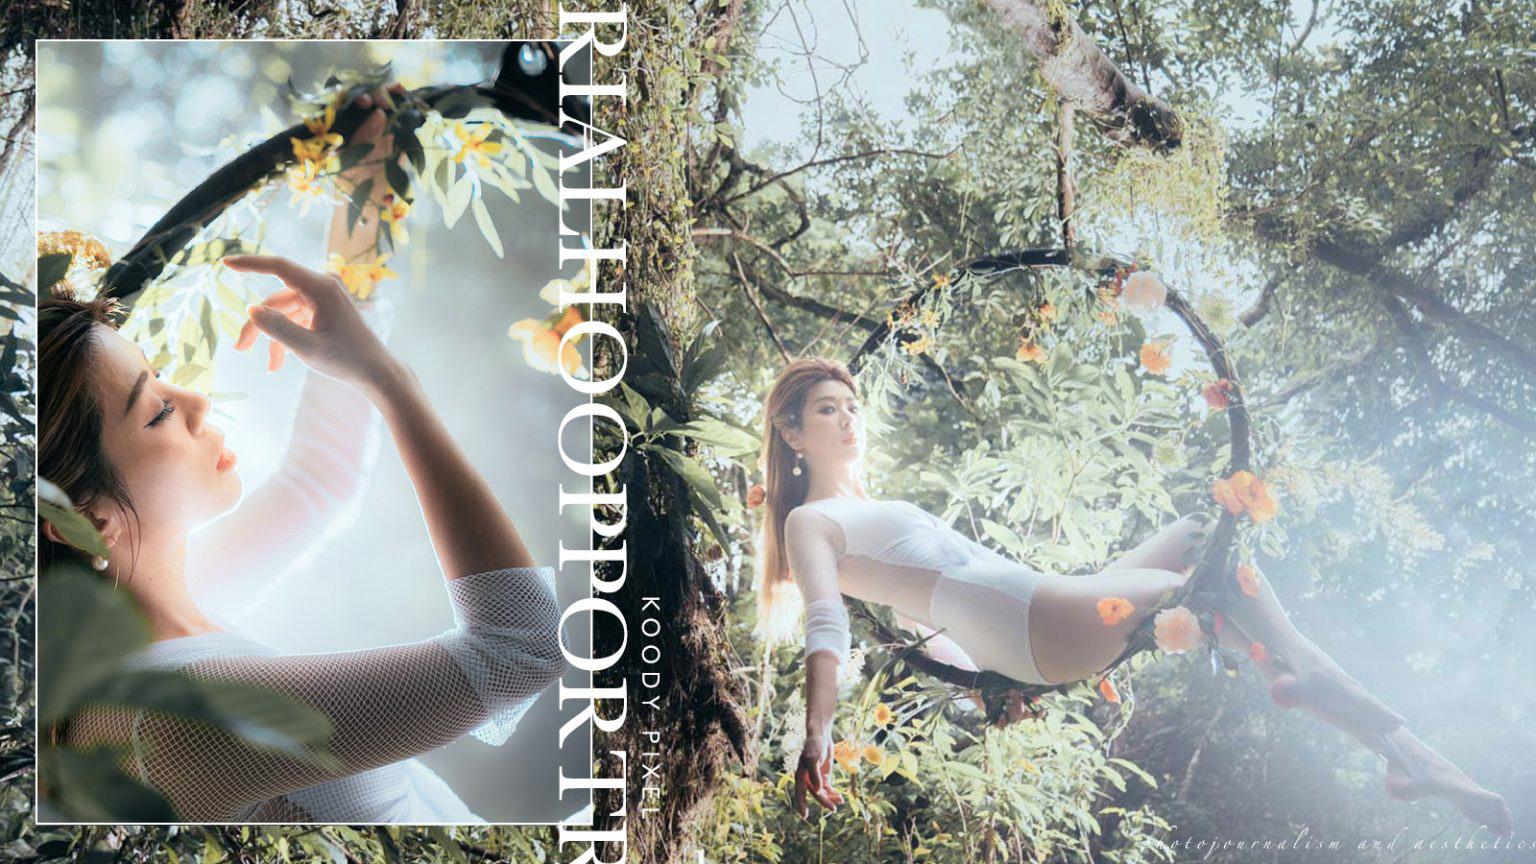 【與天空的距離】| Aerial Hoop Portrait | 空中呼拉圈攝影